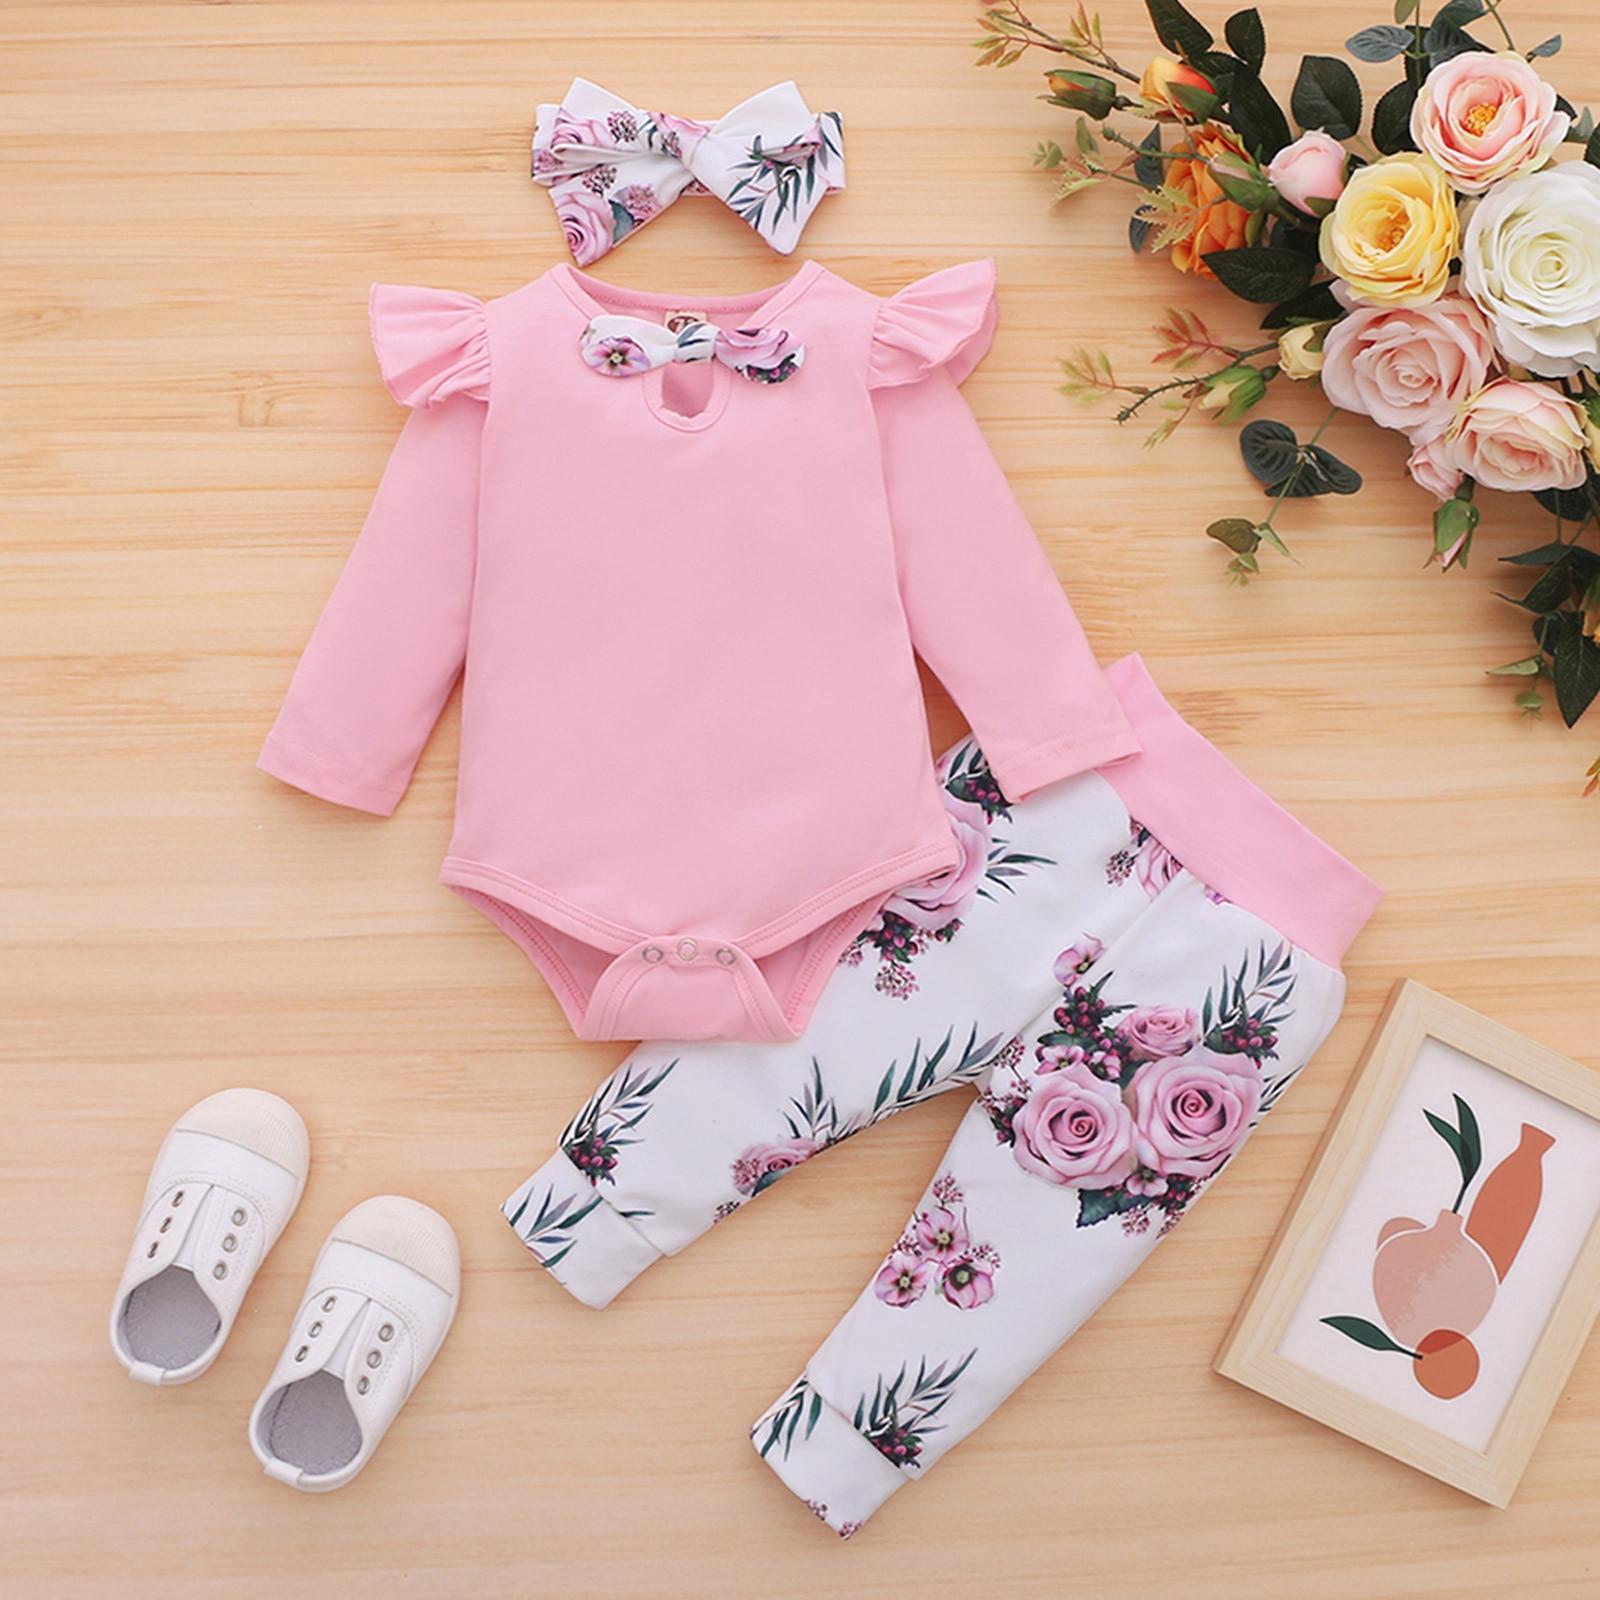 Одежда с цветочным принтом Для маленьких девочек, комбинезон с бантом, штаны, повязка на голову, наряды, одежда Для маленьких девочек, модная...